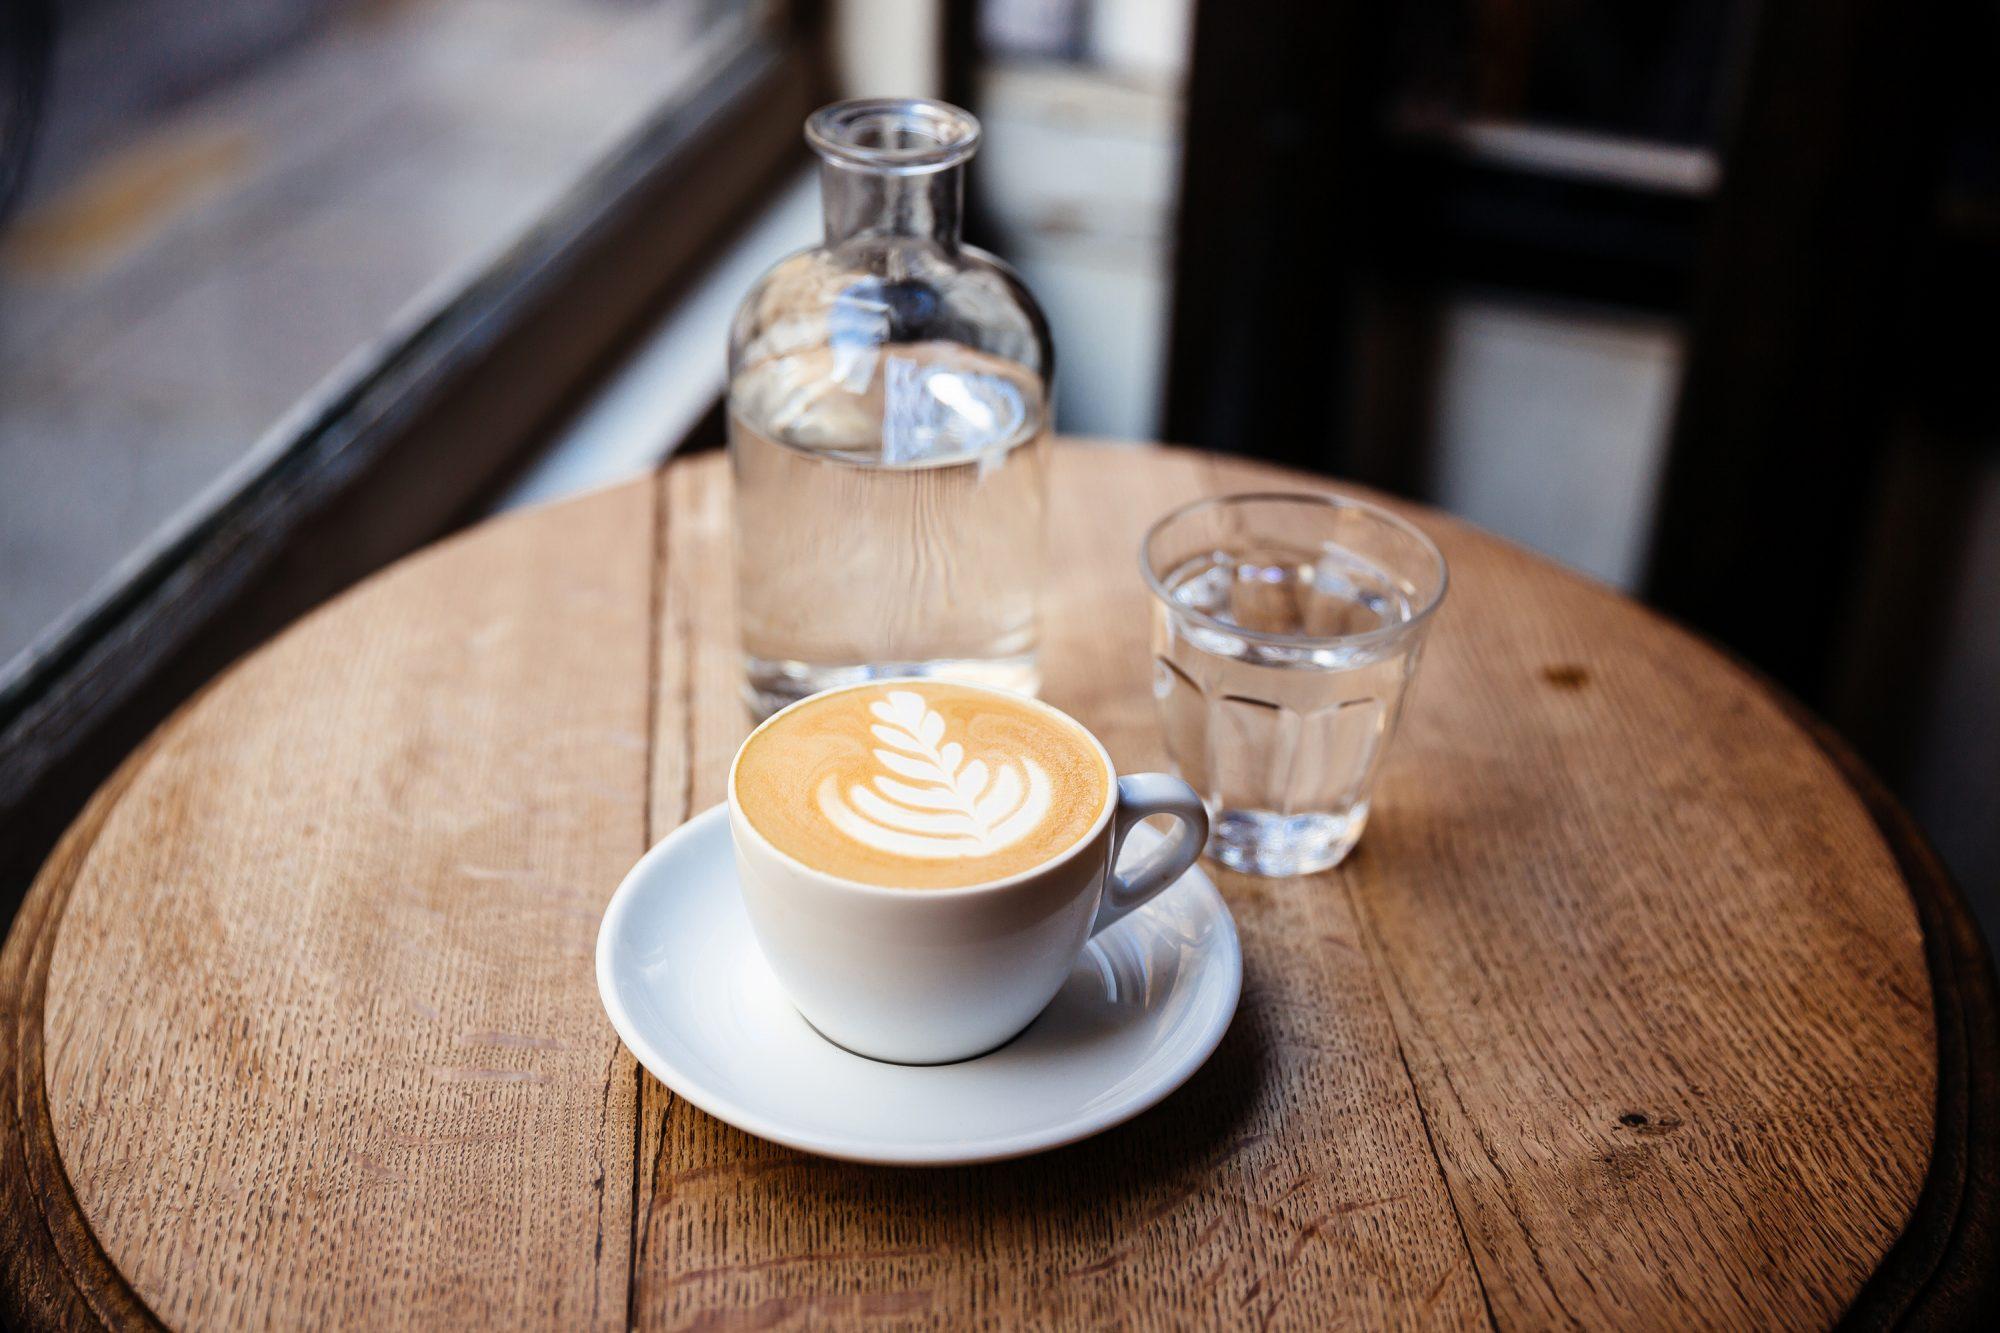 TAZA DE CAPUCHINO Y AGUA SIN GAS SOBRE LA MESA EN UNA CAFETERÍA, VISTA LATERAL